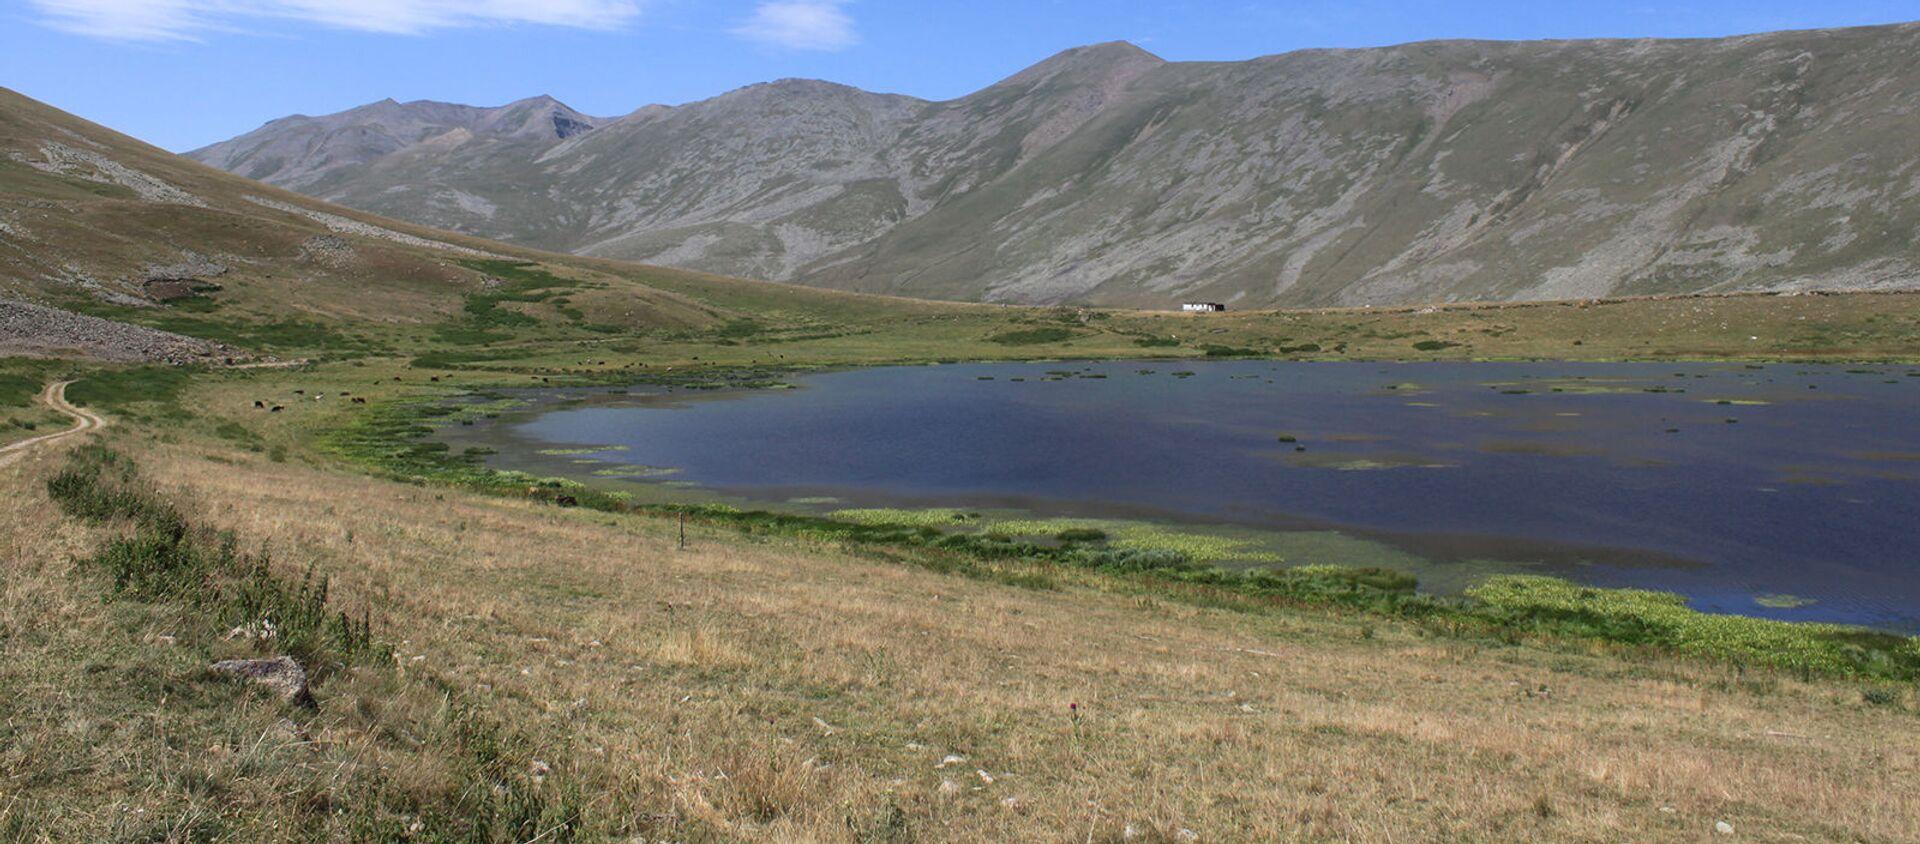 Озеро Сев Лич - Sputnik Արմենիա, 1920, 15.05.2021